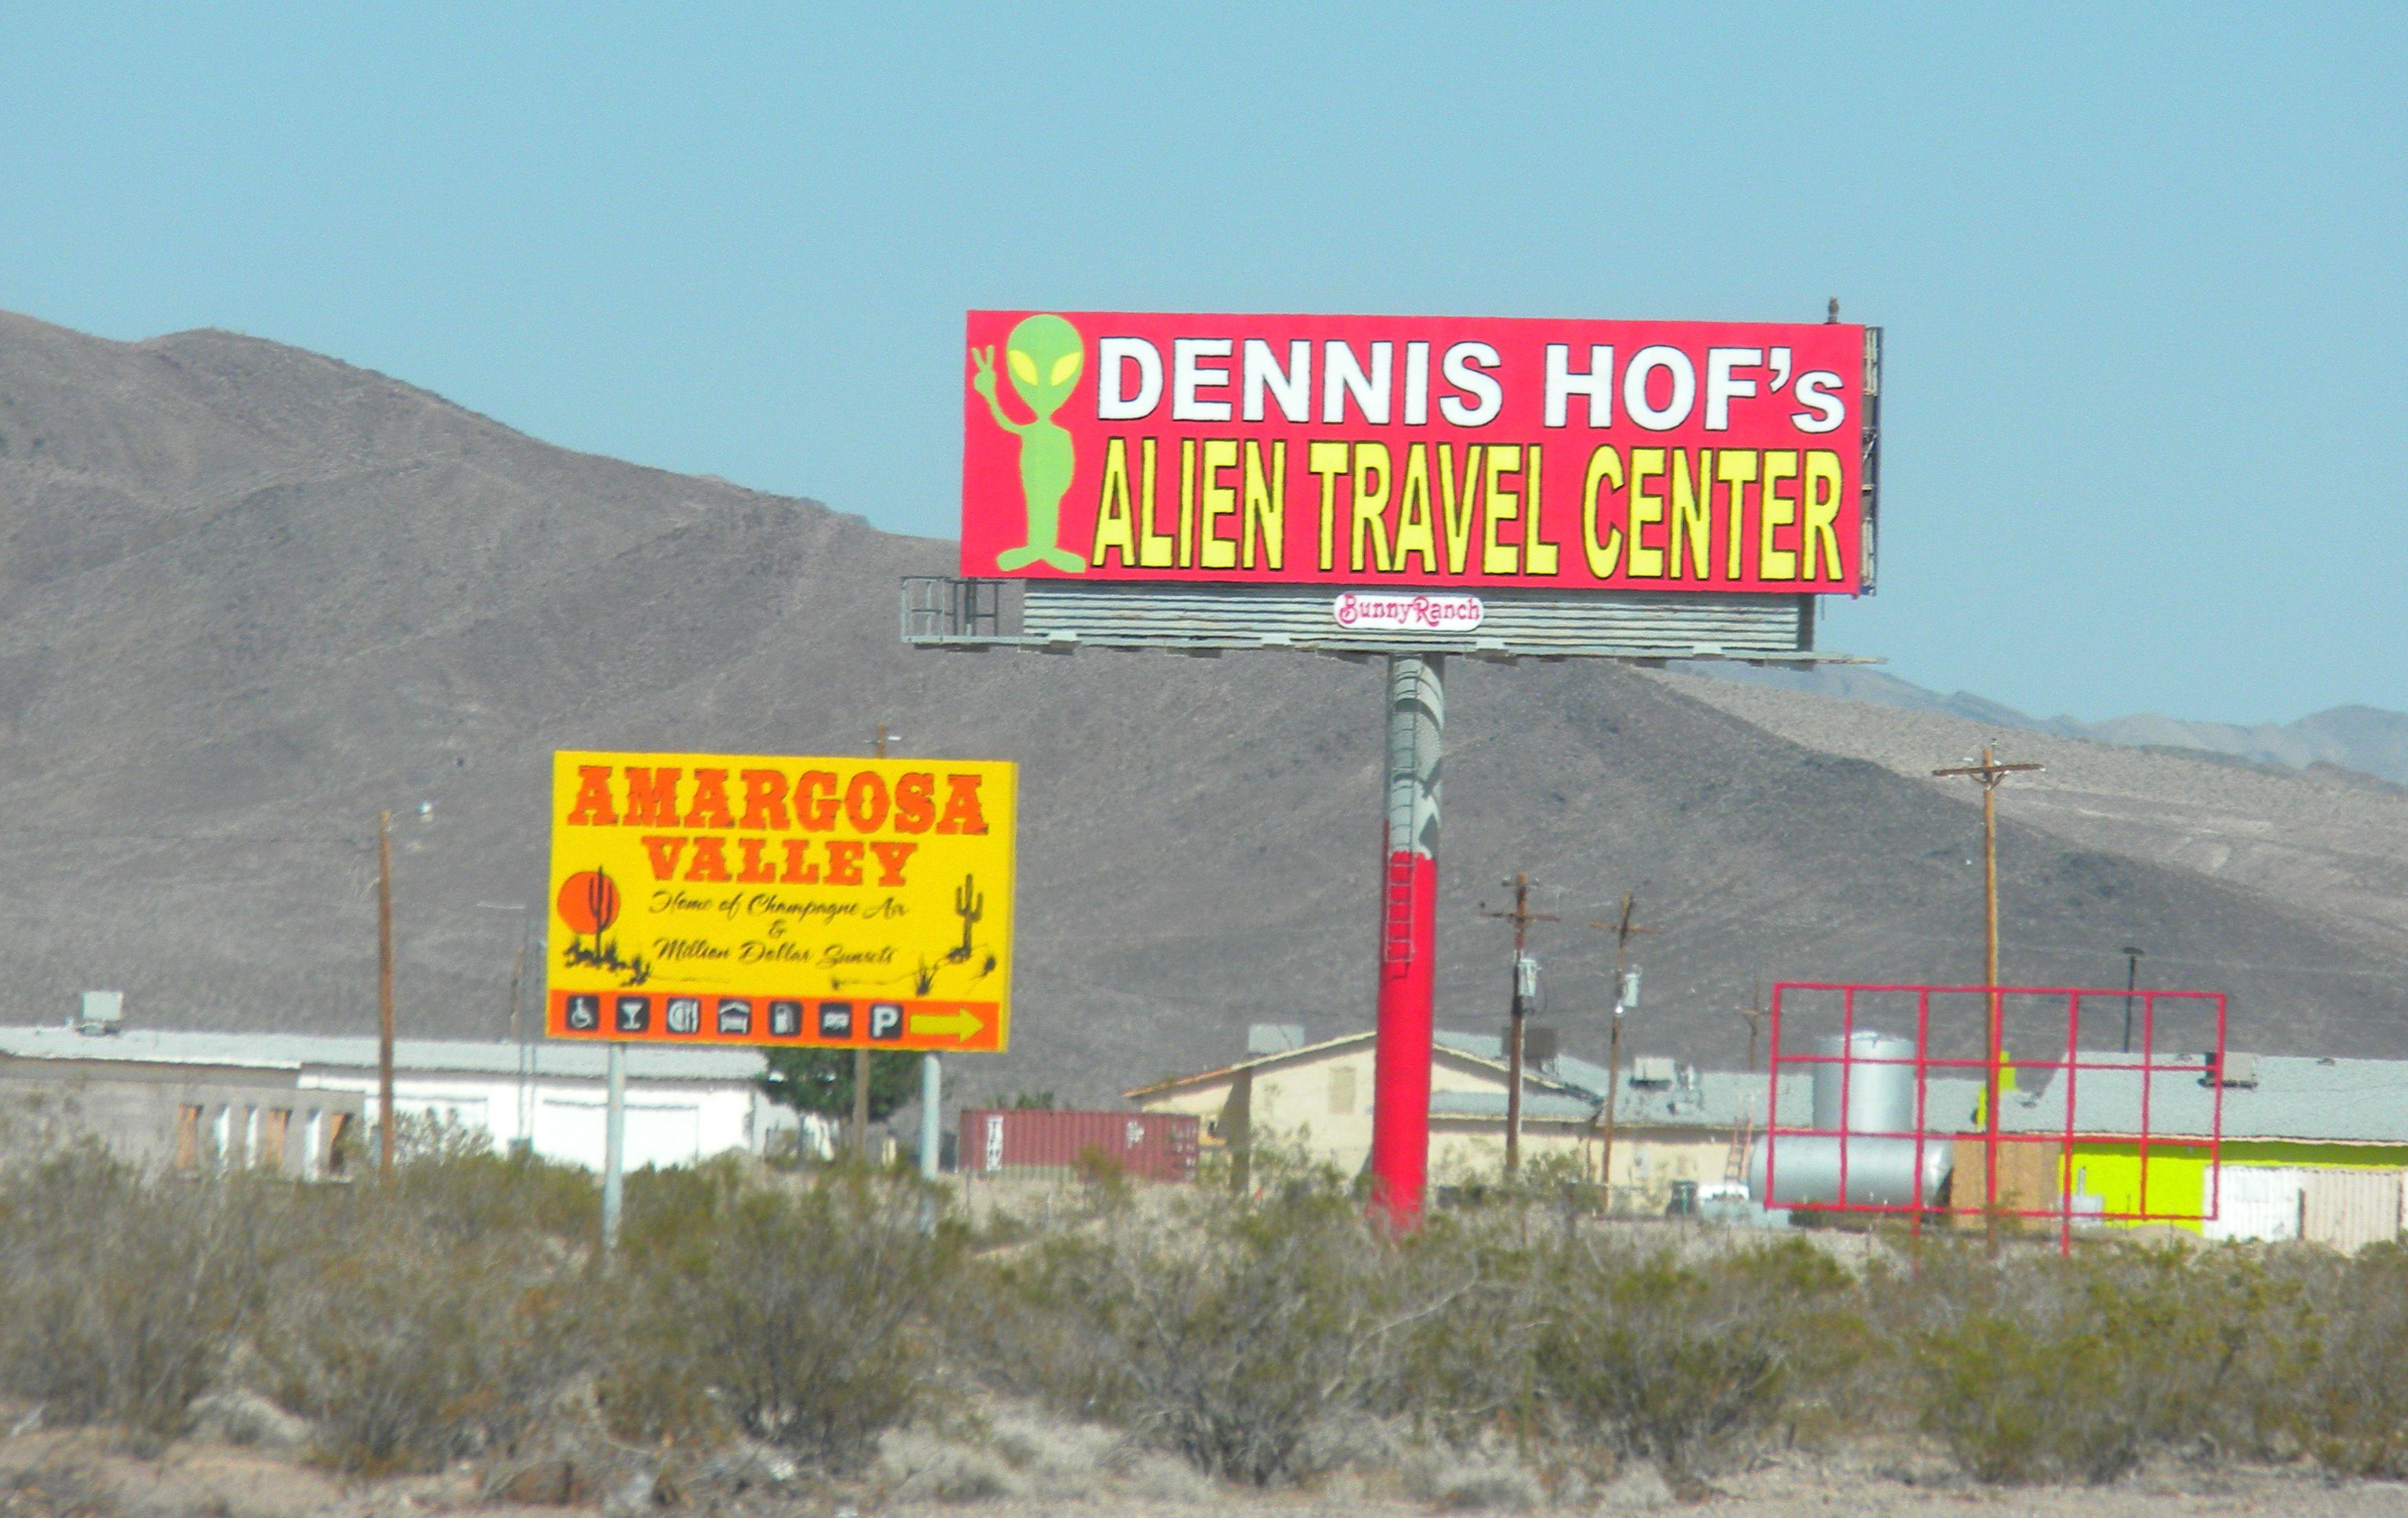 Alien Travel Center, Highway 95, Amargosa Valley, Nevada